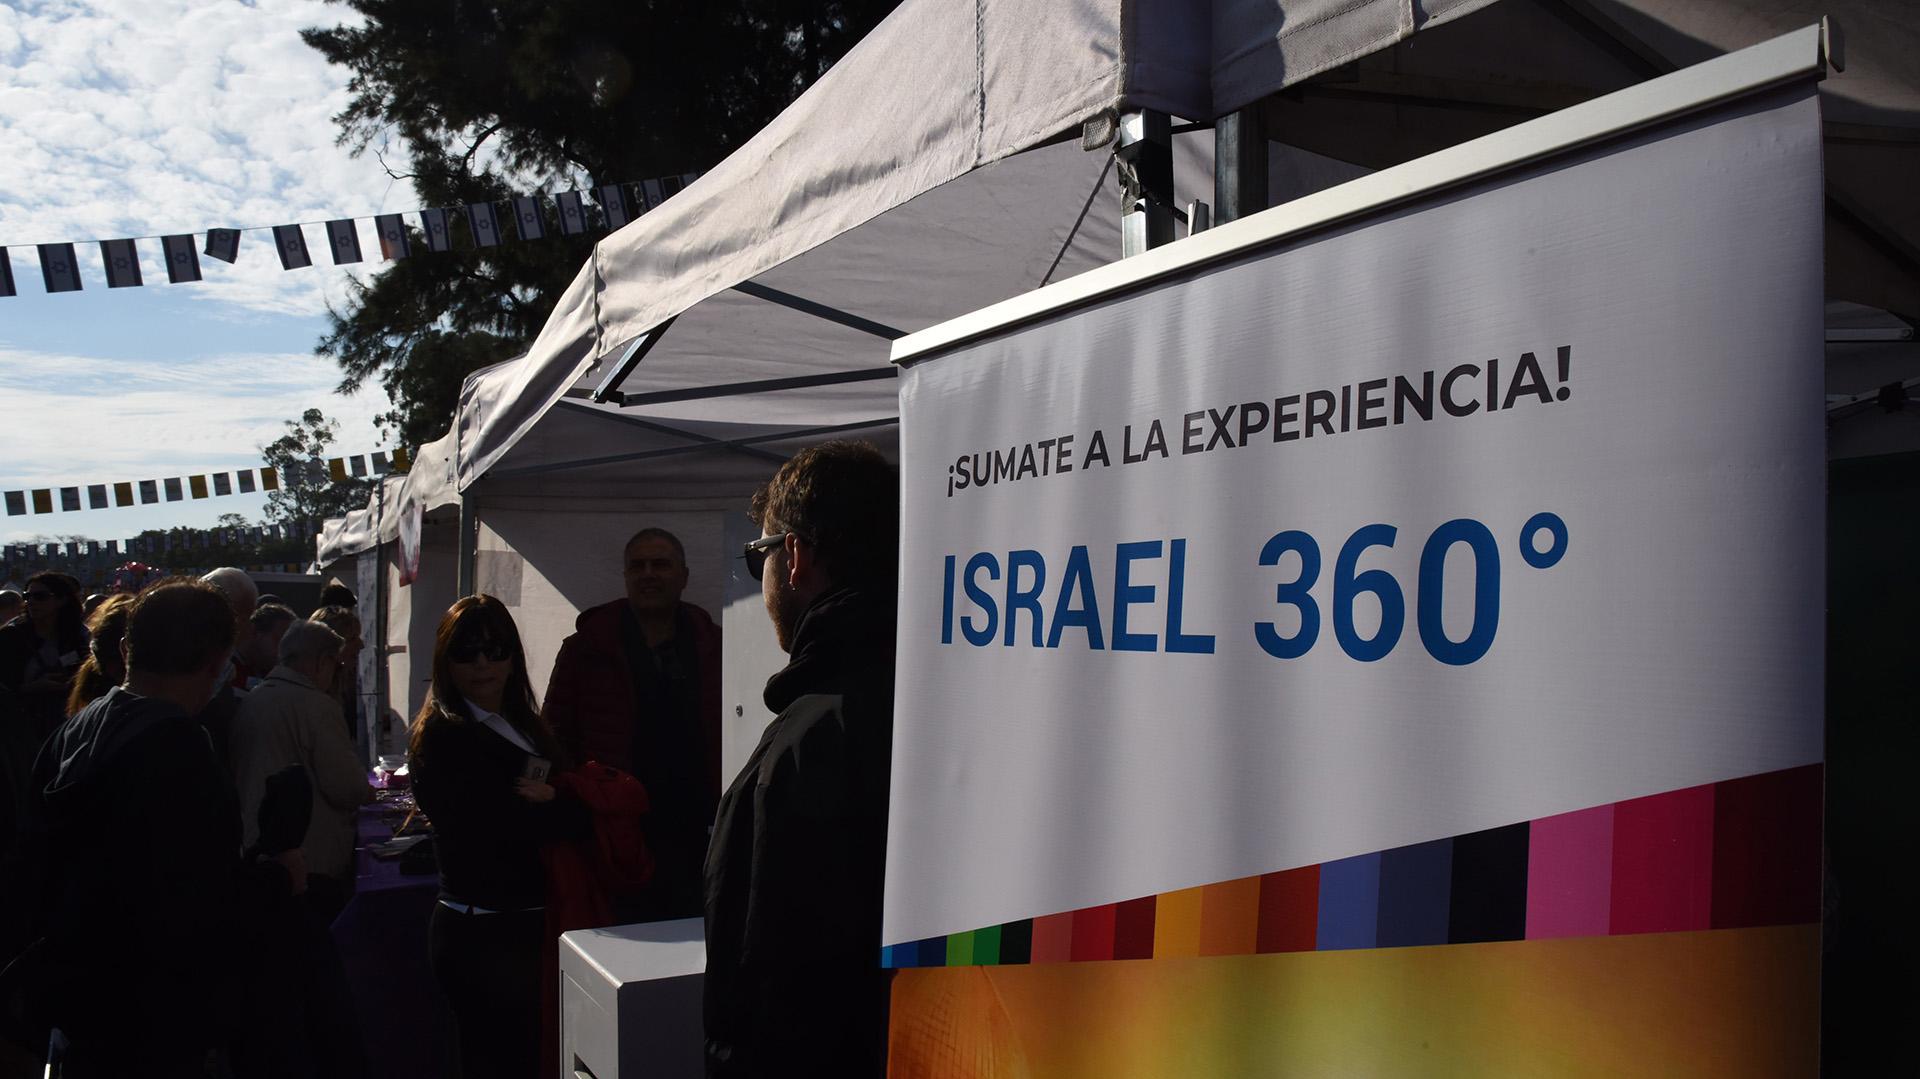 En Buenos Aires Celebra Israel también hubo invitados sorpresas, sorteos, concursos y souvenires, así como un espacio pensado para los más pequeños y secciones de realidad virtual donde promocionar el poderío tecnológico del Estado israelí